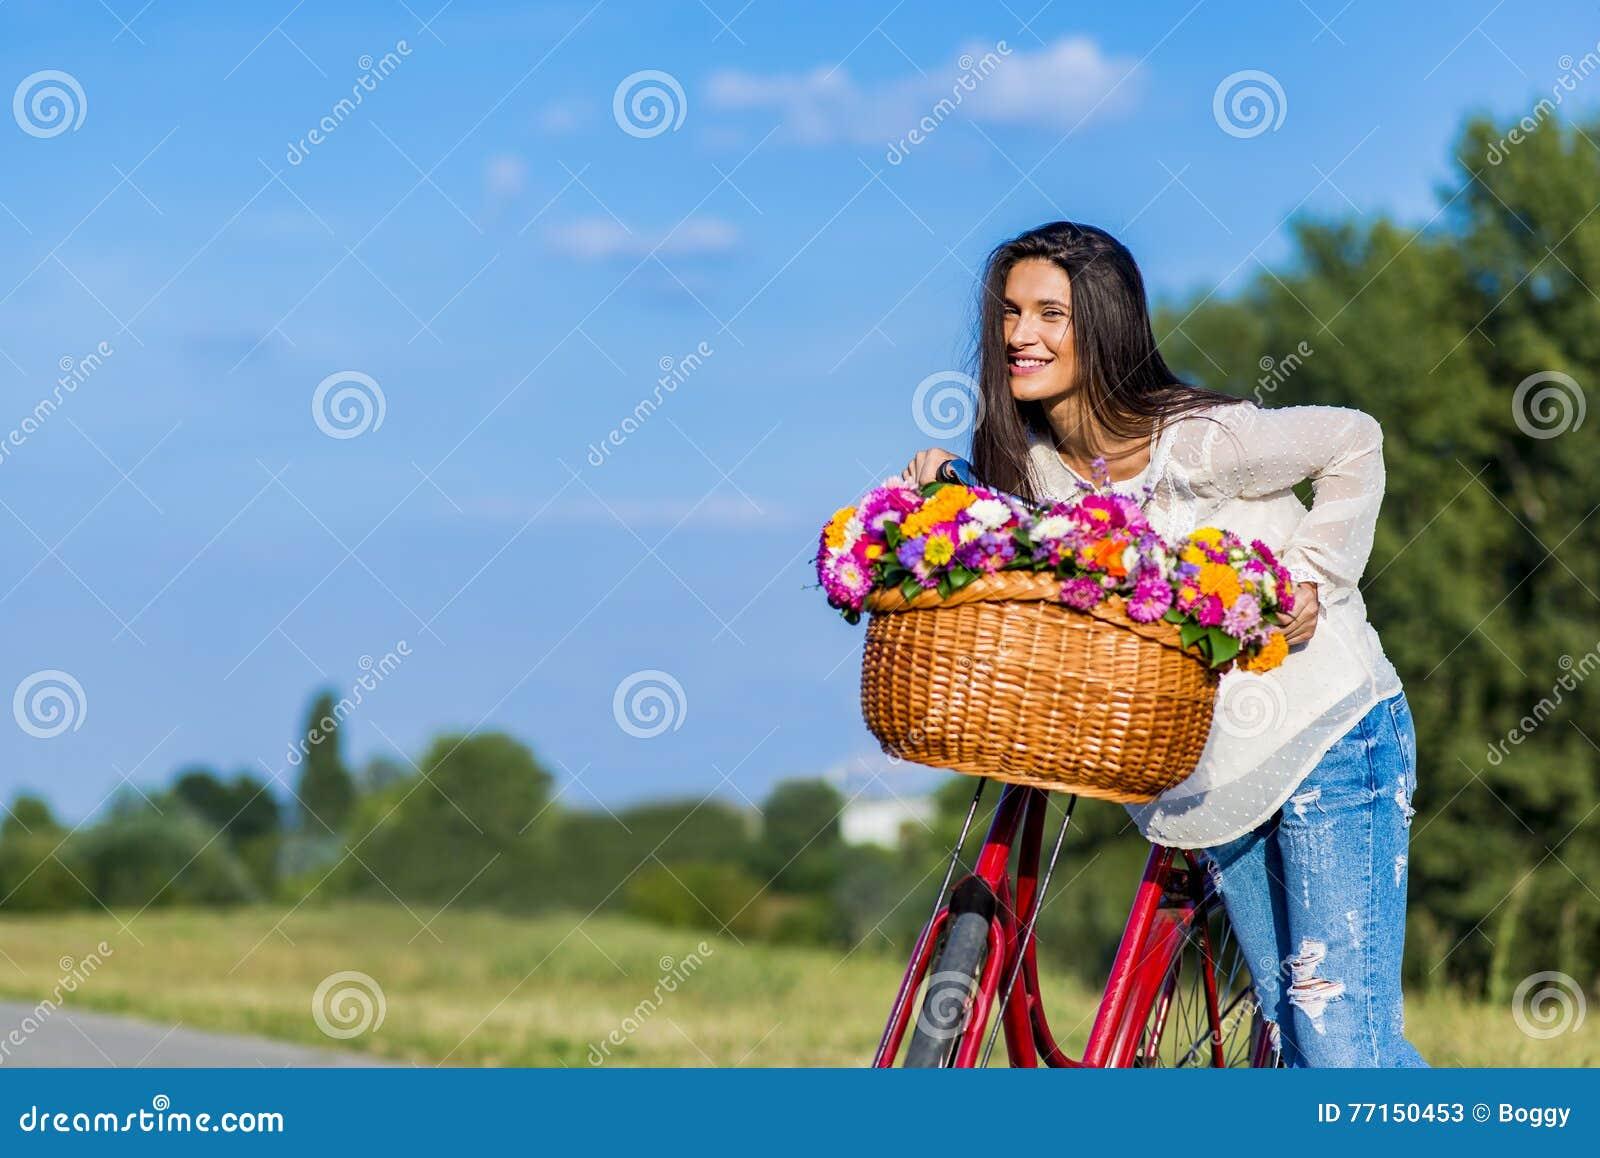 Jeune fille avec une bicyclette